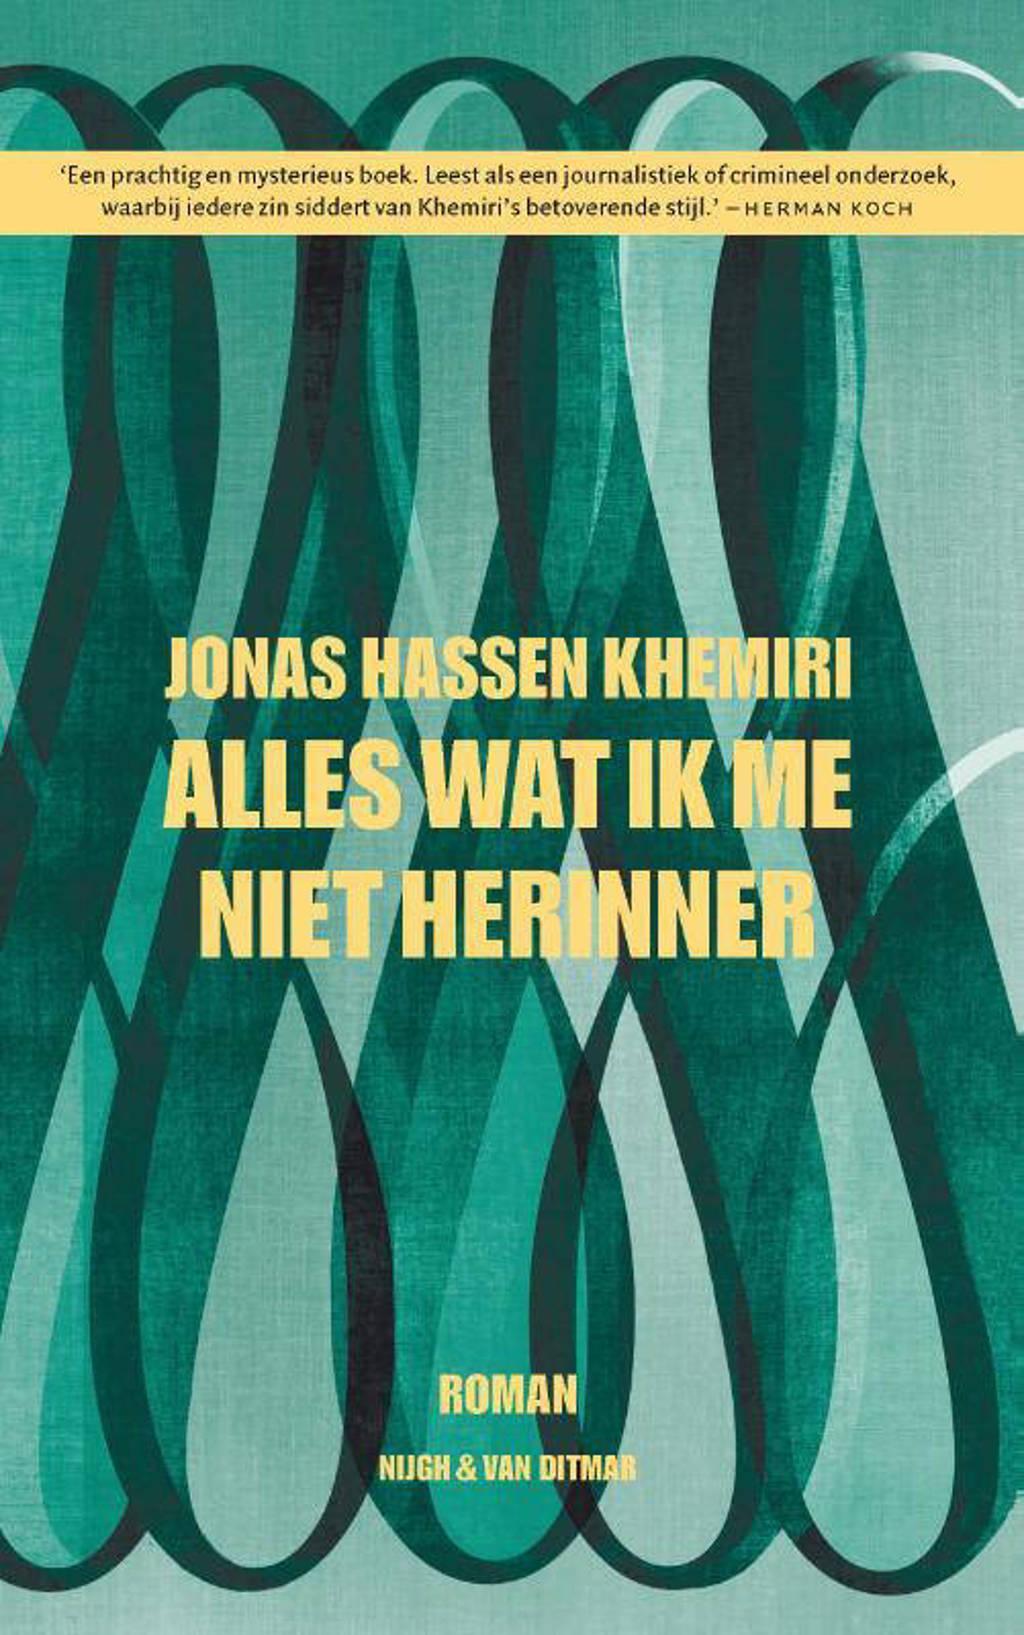 Alles wat ik me niet herinner - Jonas Hassen Khemiri